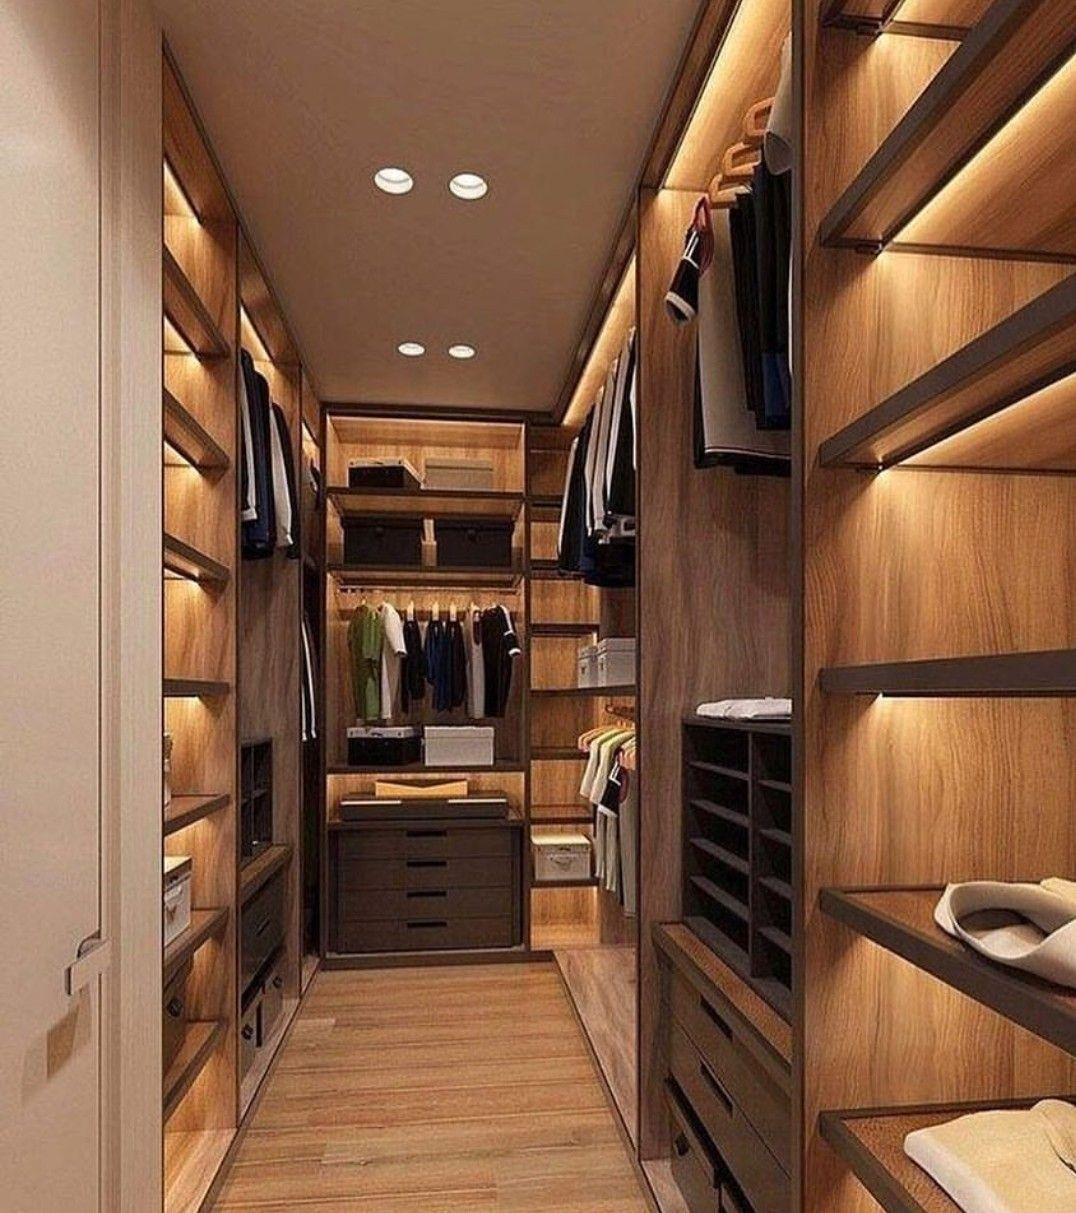 Pin Von Stylequeen Auf Ankleidezimmer Schrankdekoration Ankleiderzimmer Begehbarer Kleiderschrank Luxus